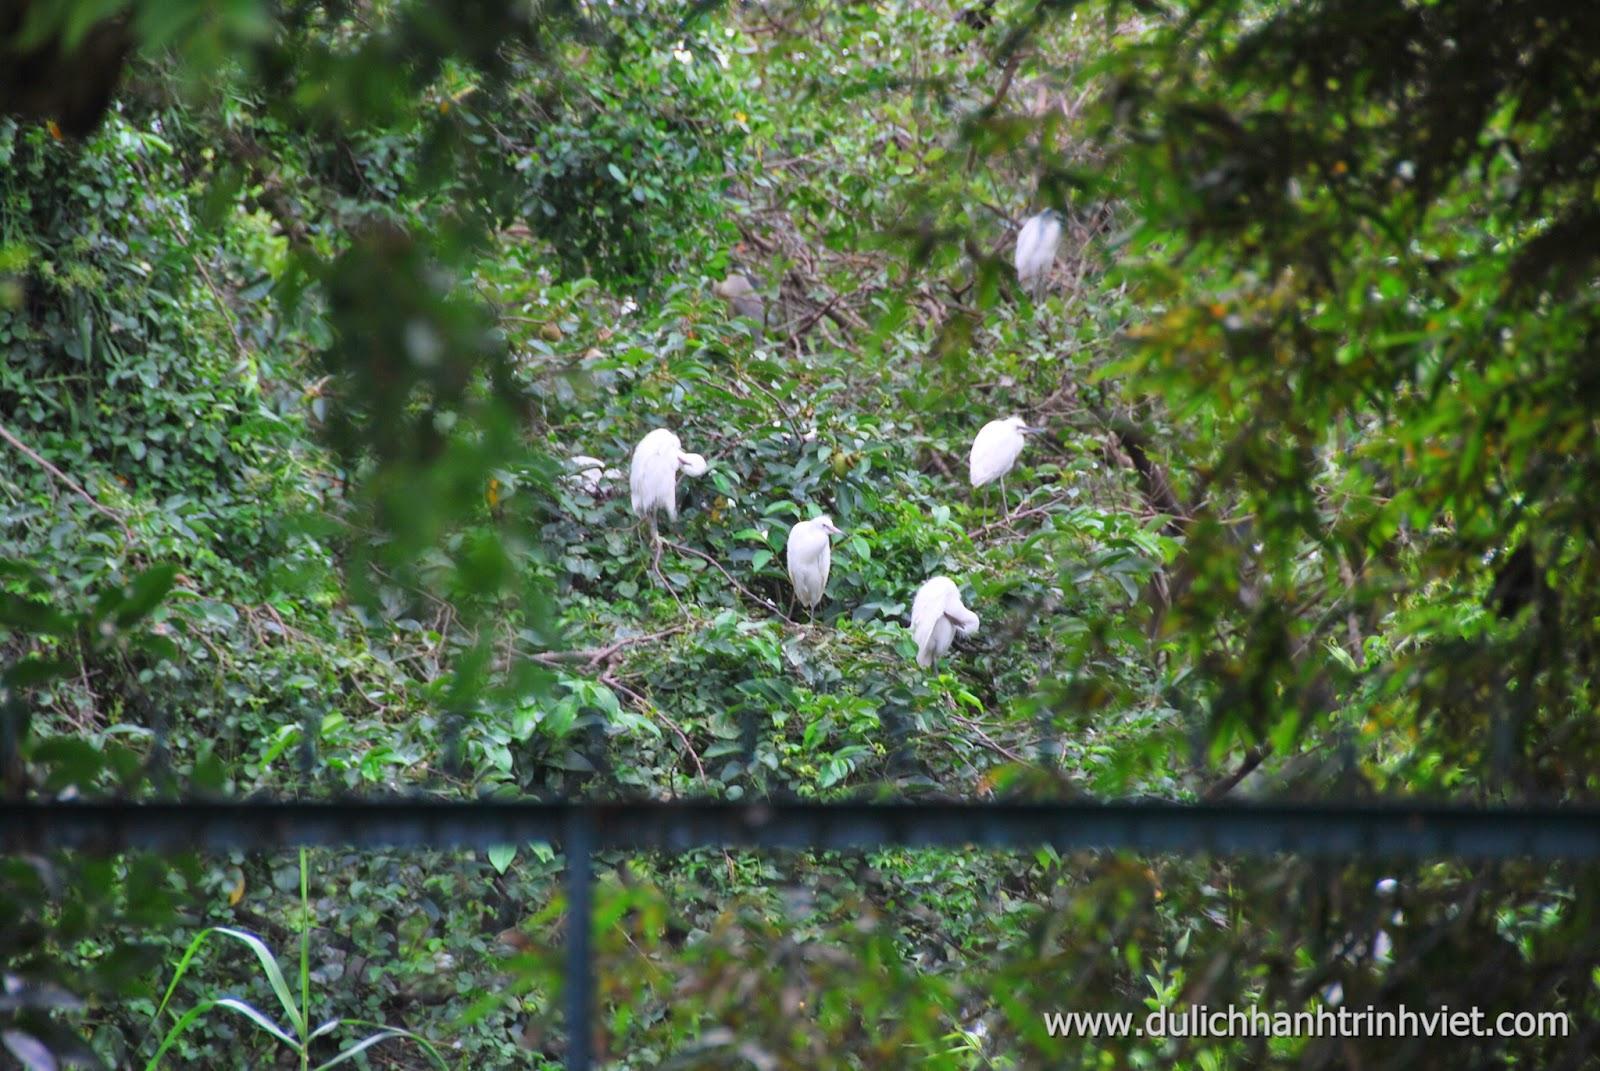 Ngắm cò về tổ ở Lâm Viên Cà Mau 2014